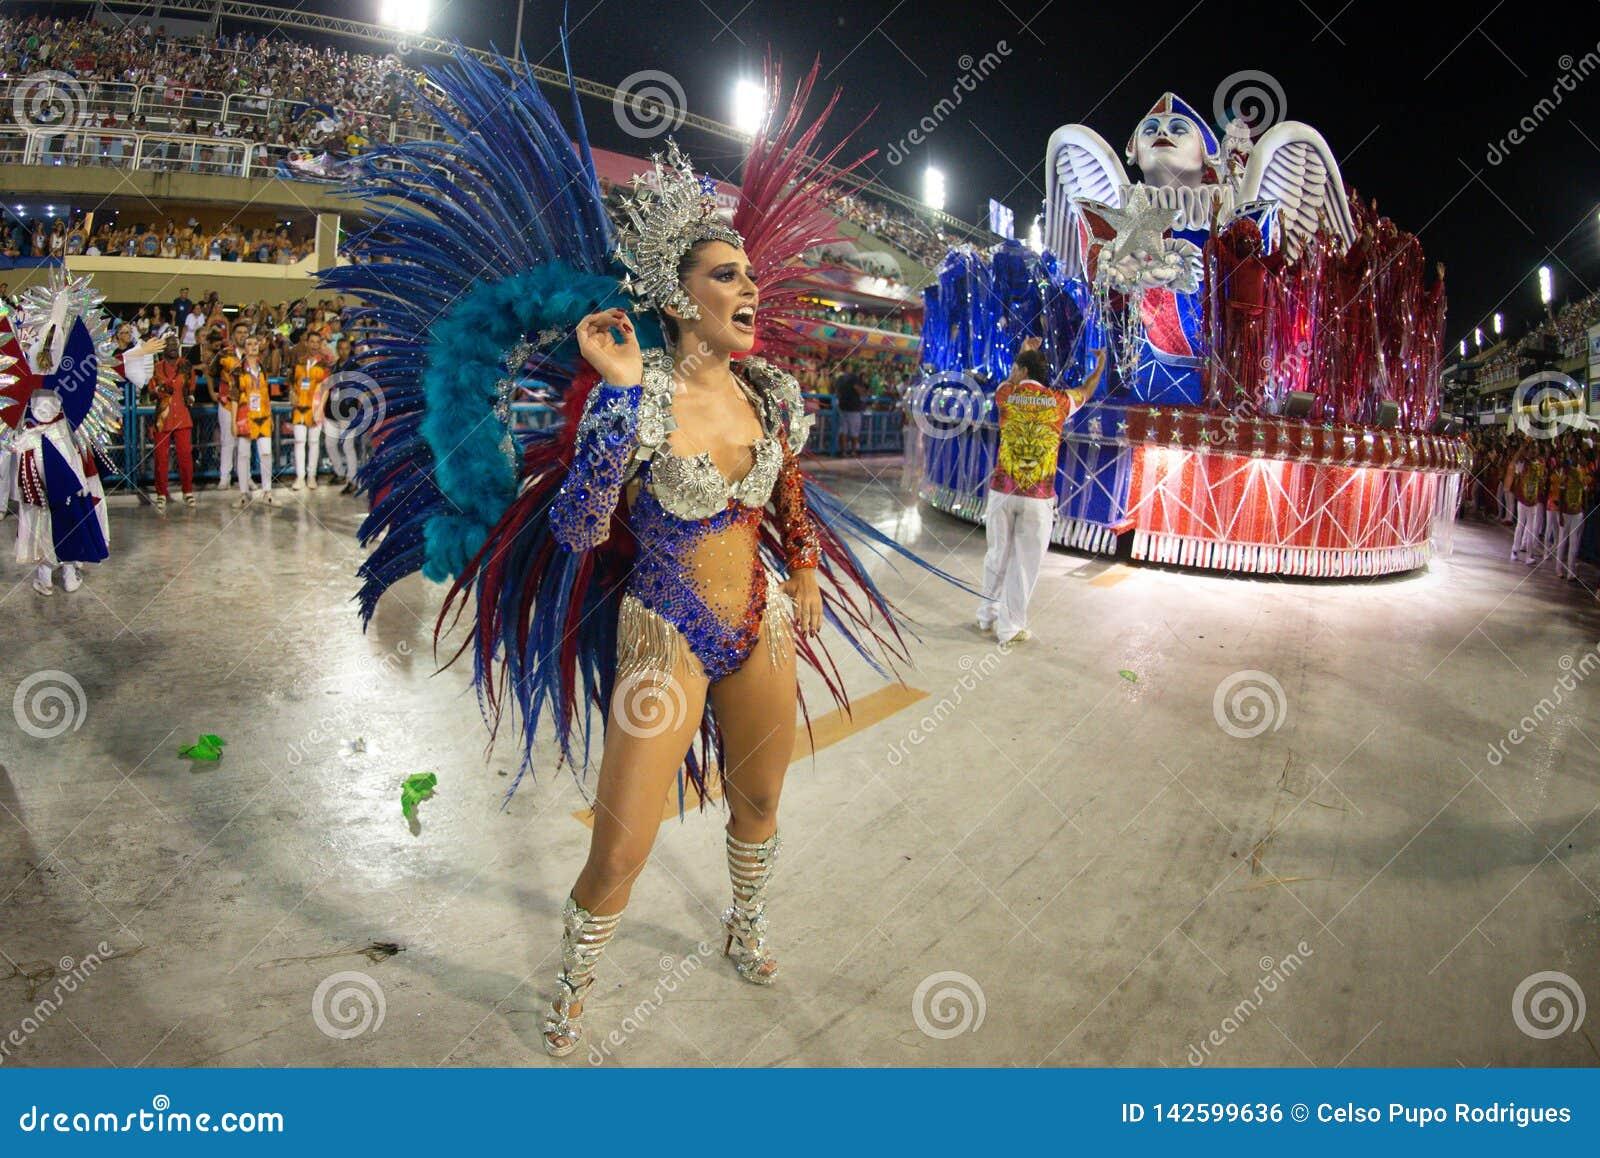 Carnaval 2019 - Estacio de Sa